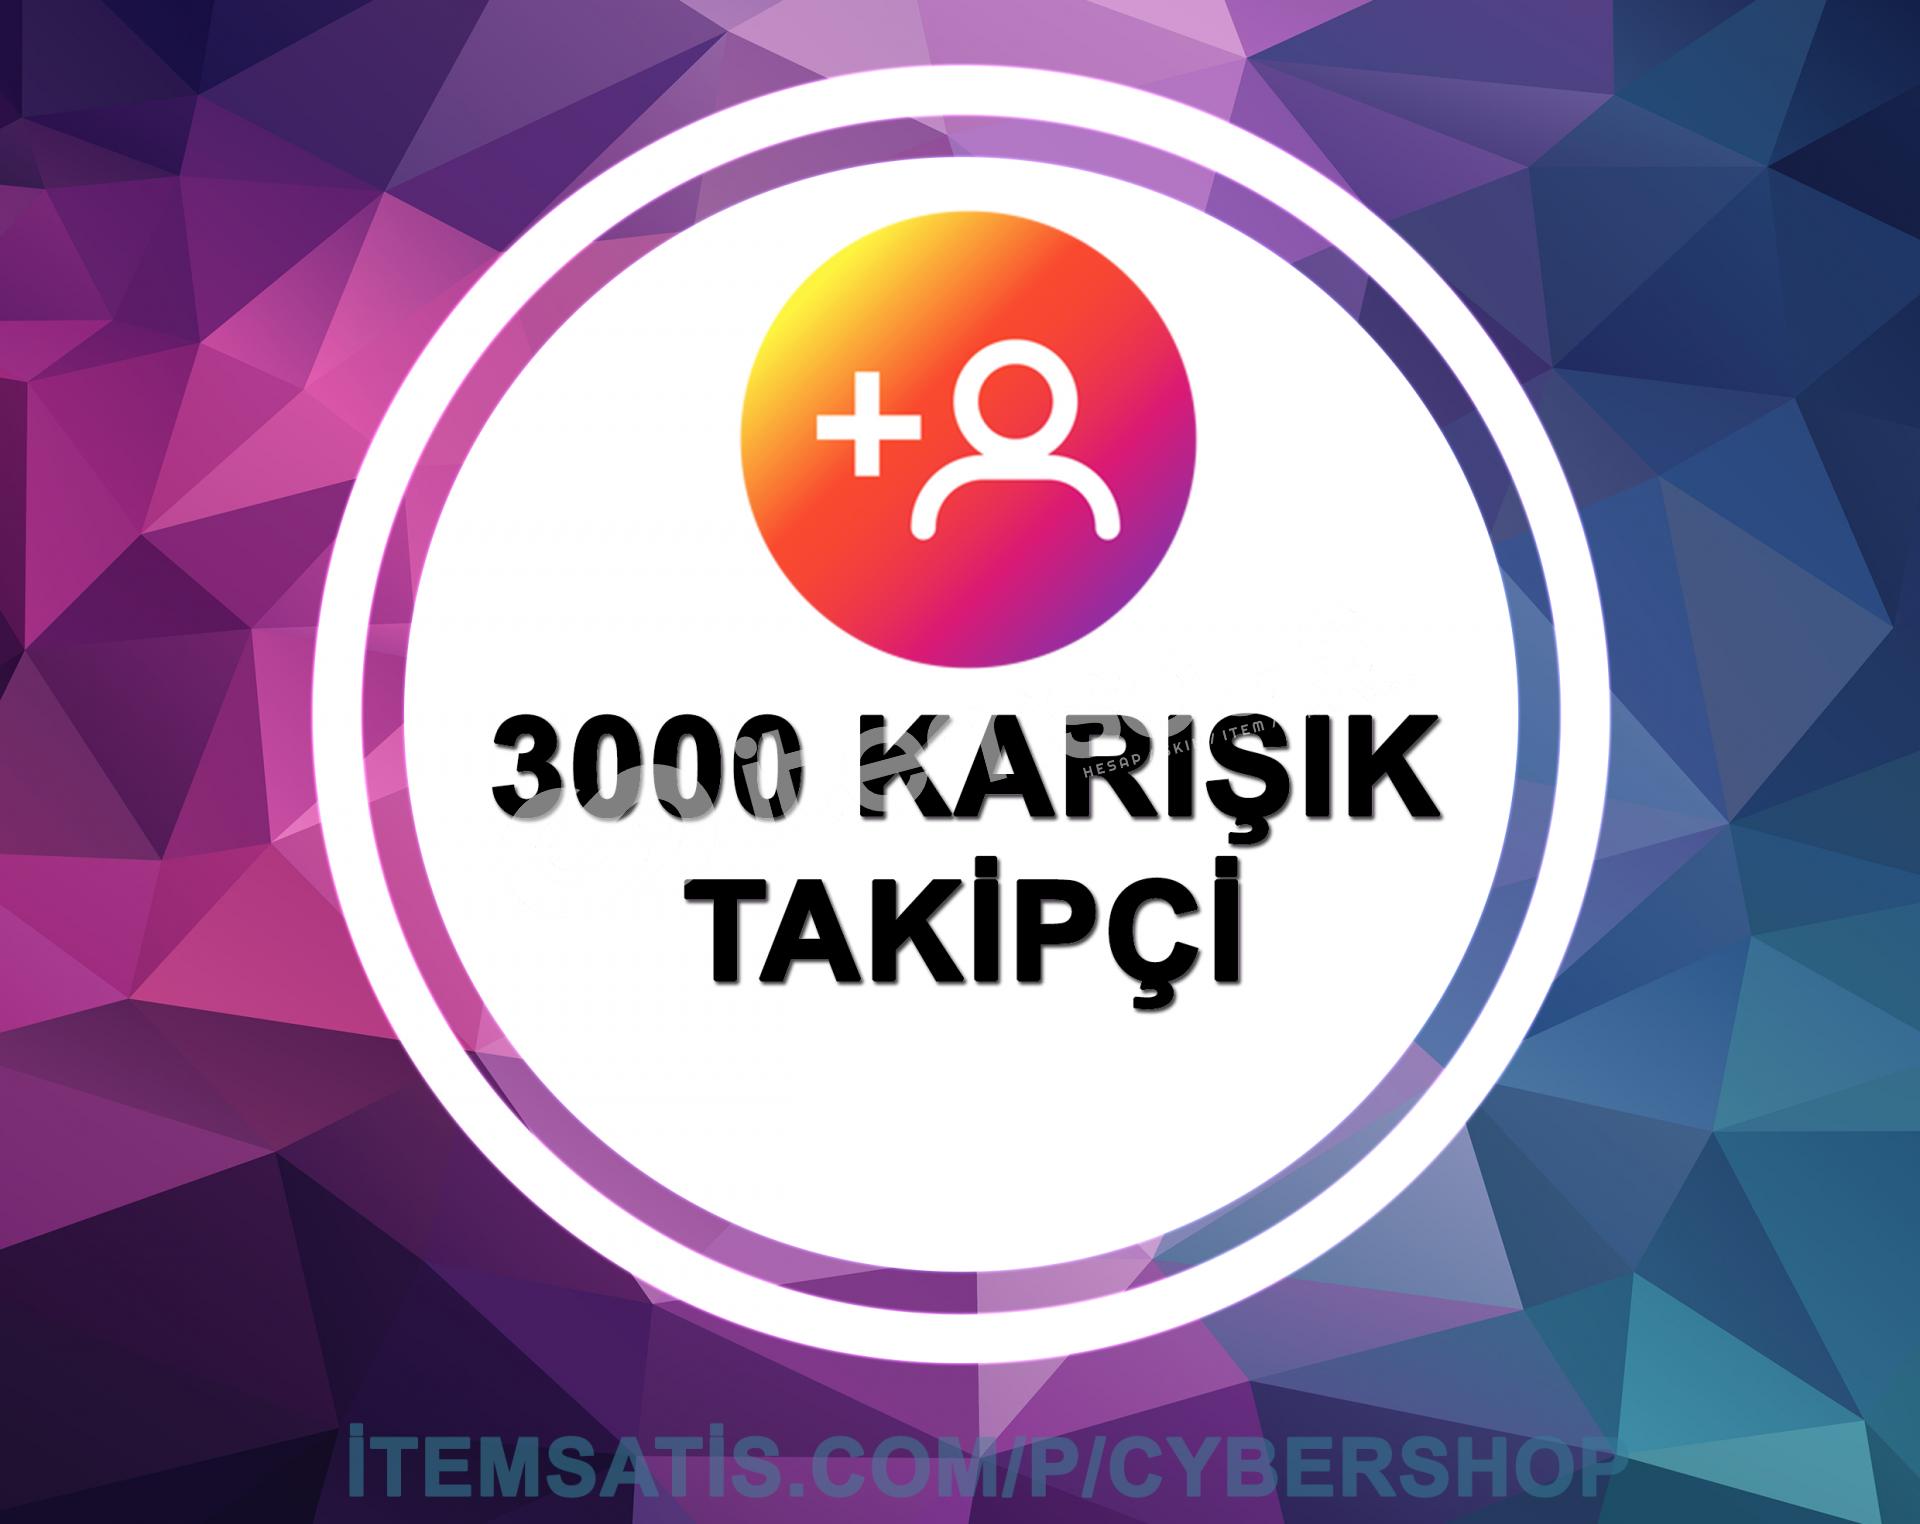 3000 İnstagram [KARIŞIK] Takipçi